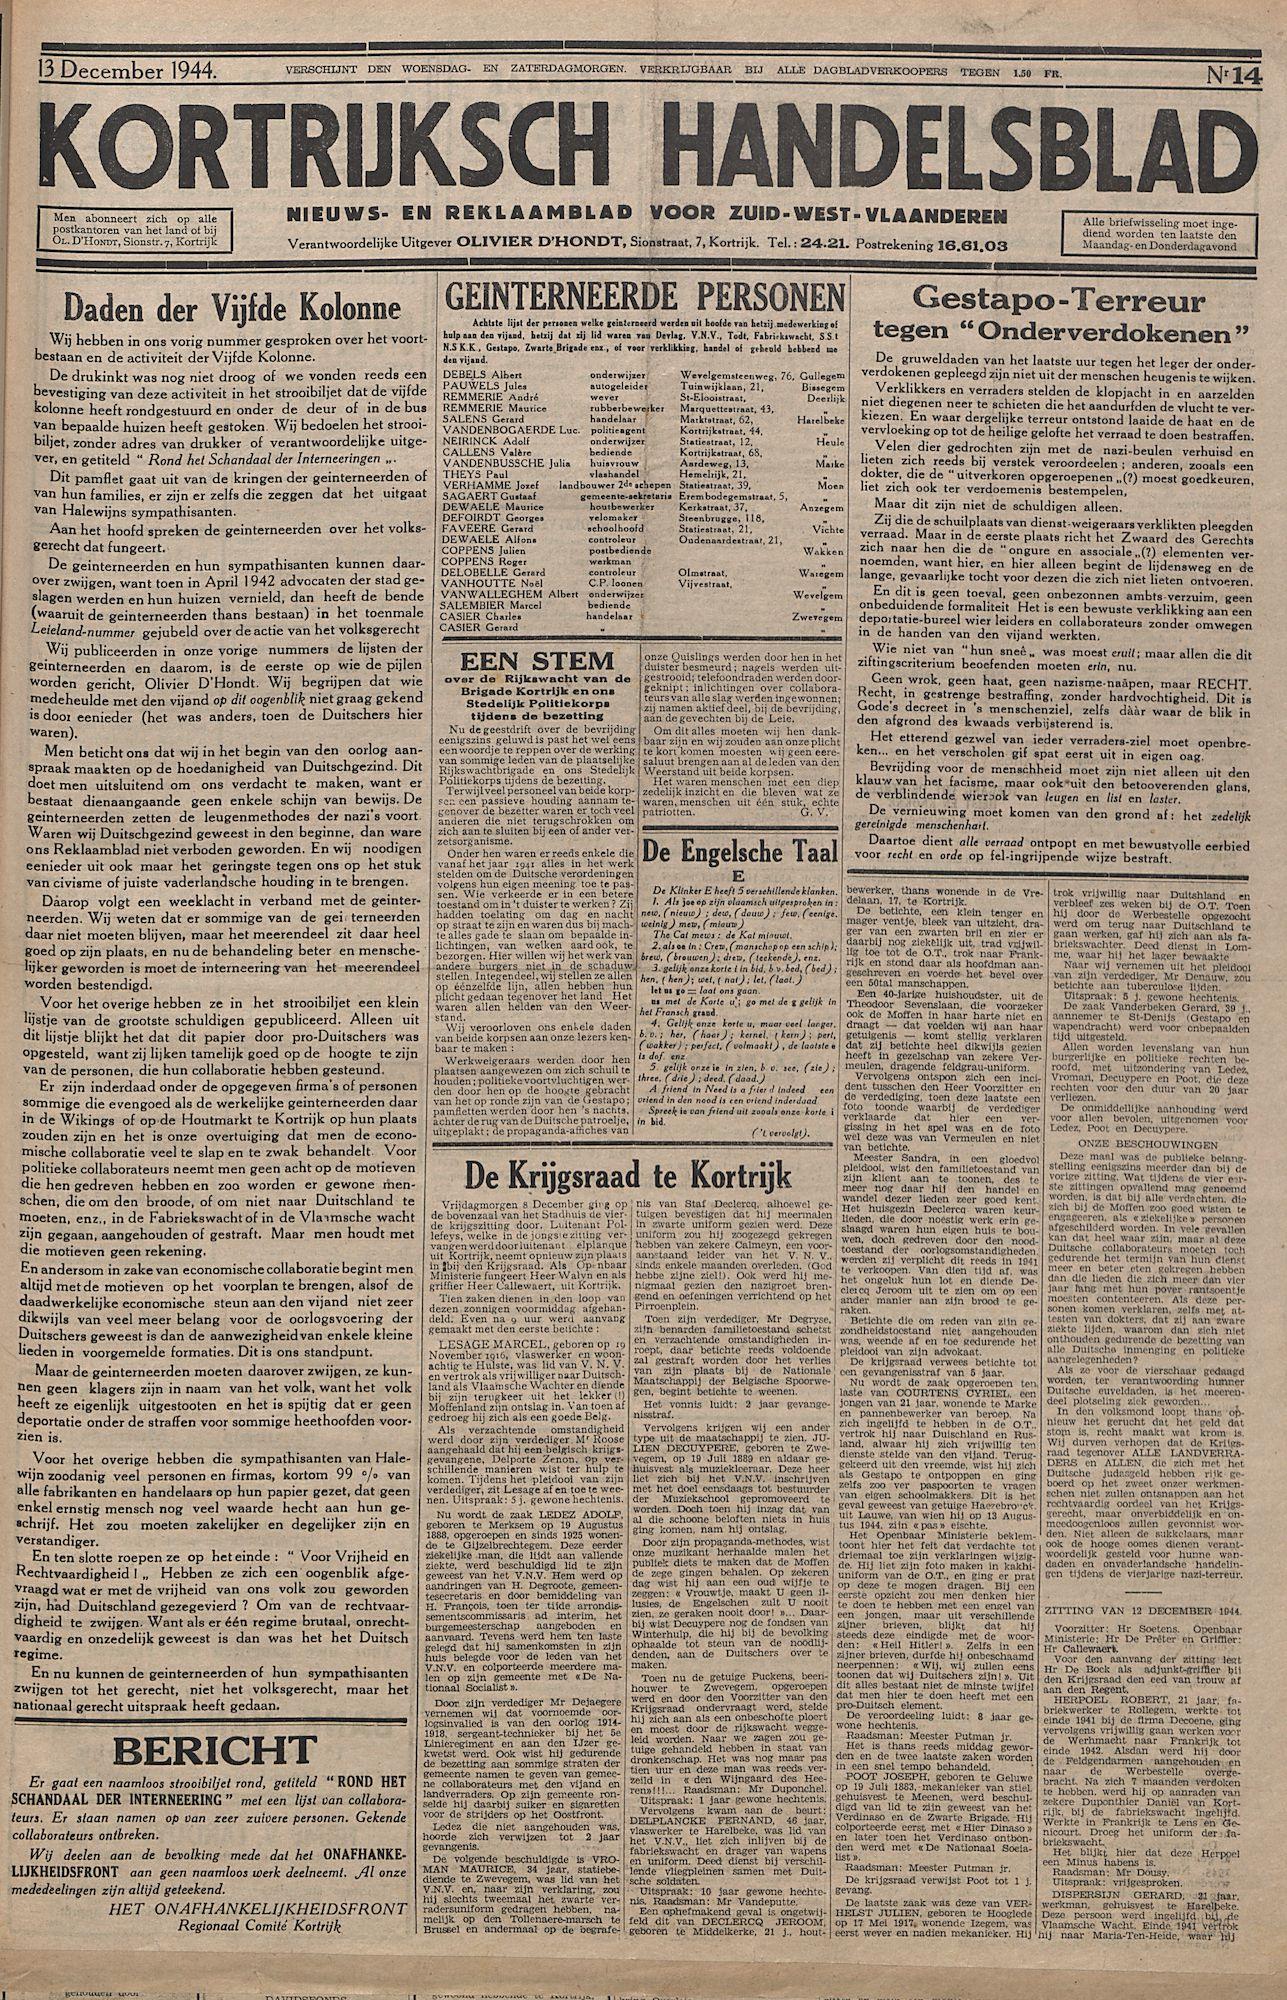 Kortrijksch Handelsblad 13 december 1944 Nr14 p1